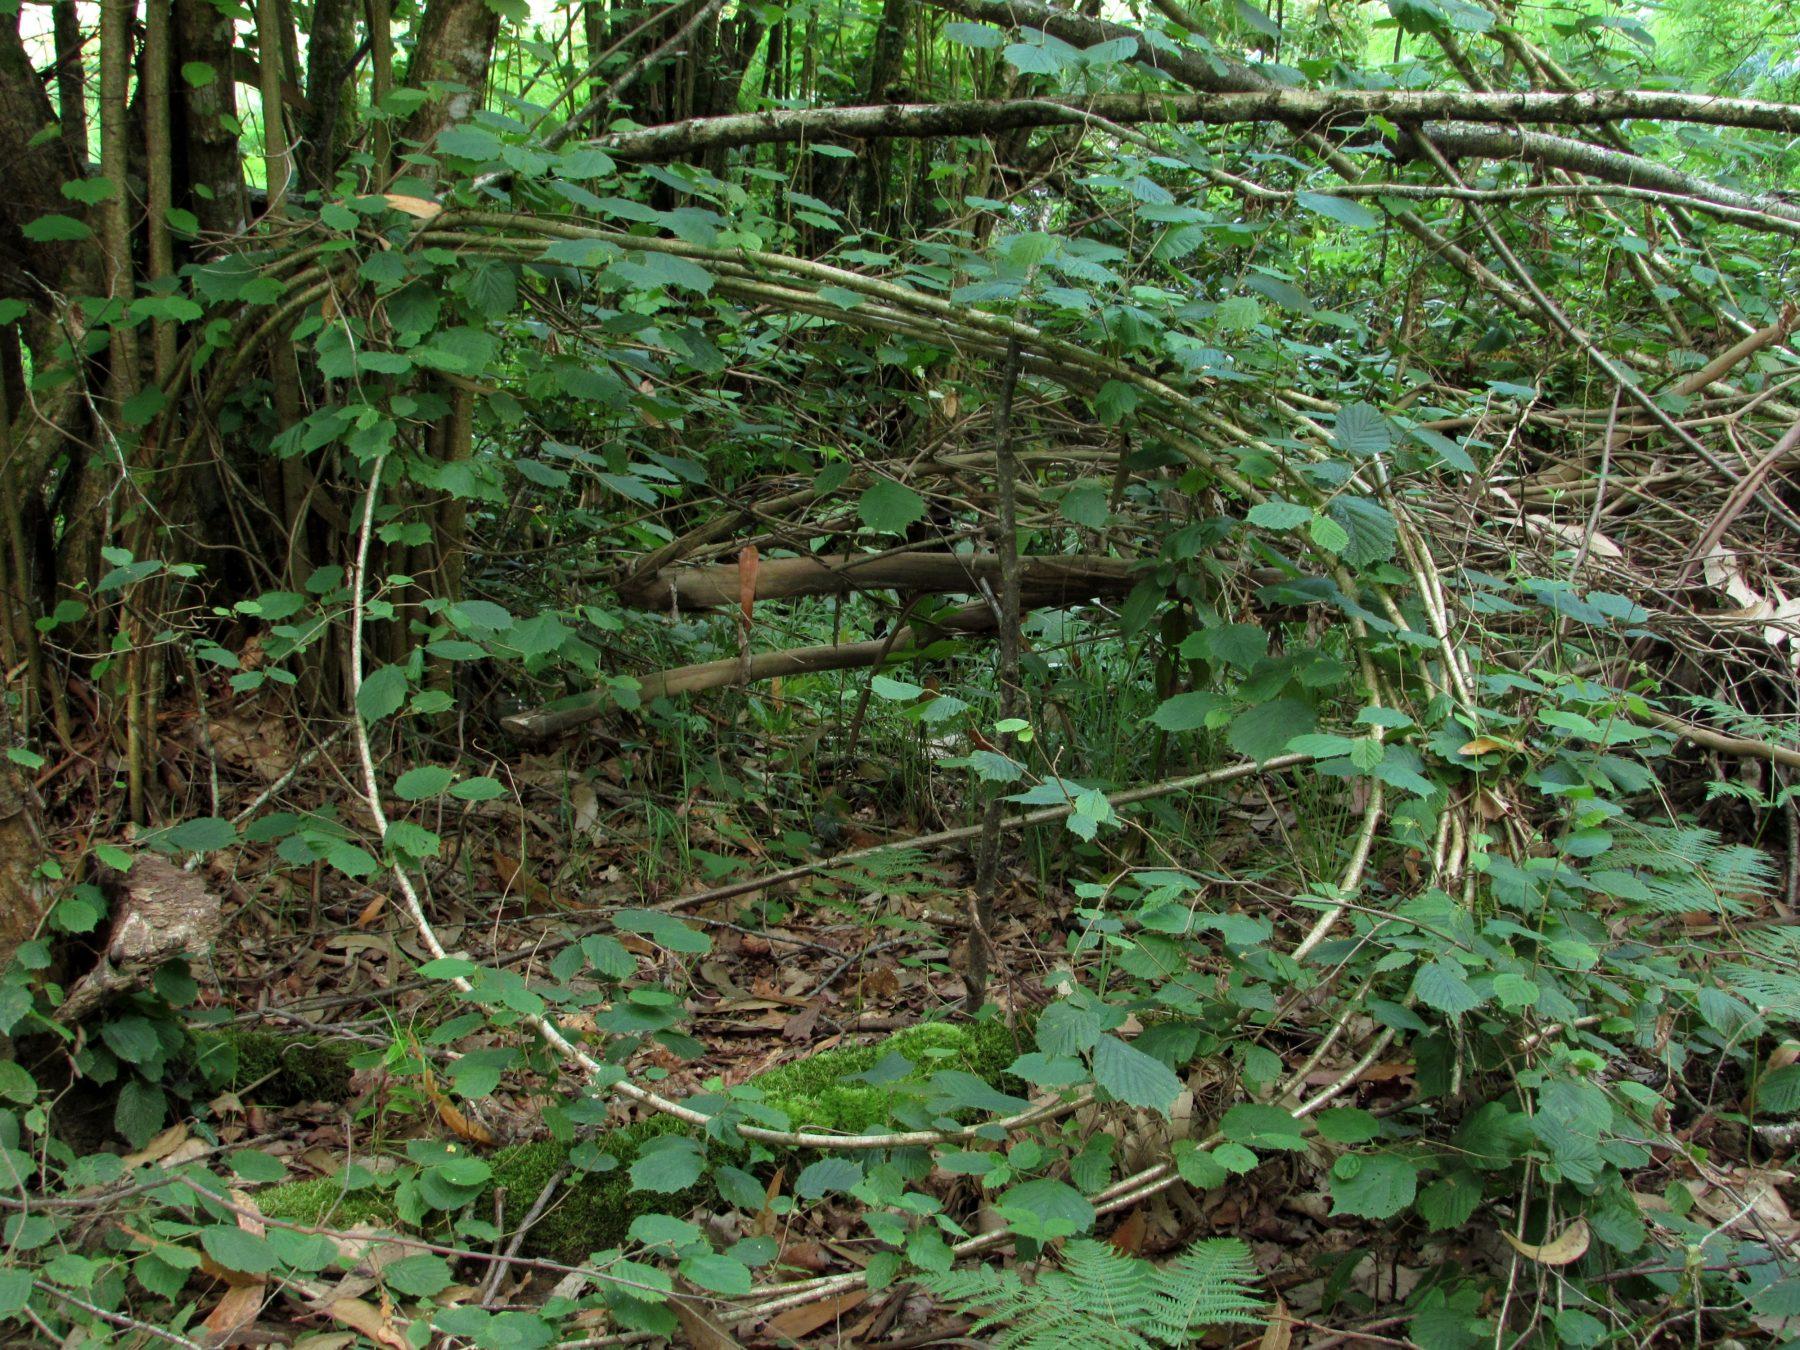 Un bosque encantadoramente misterioso